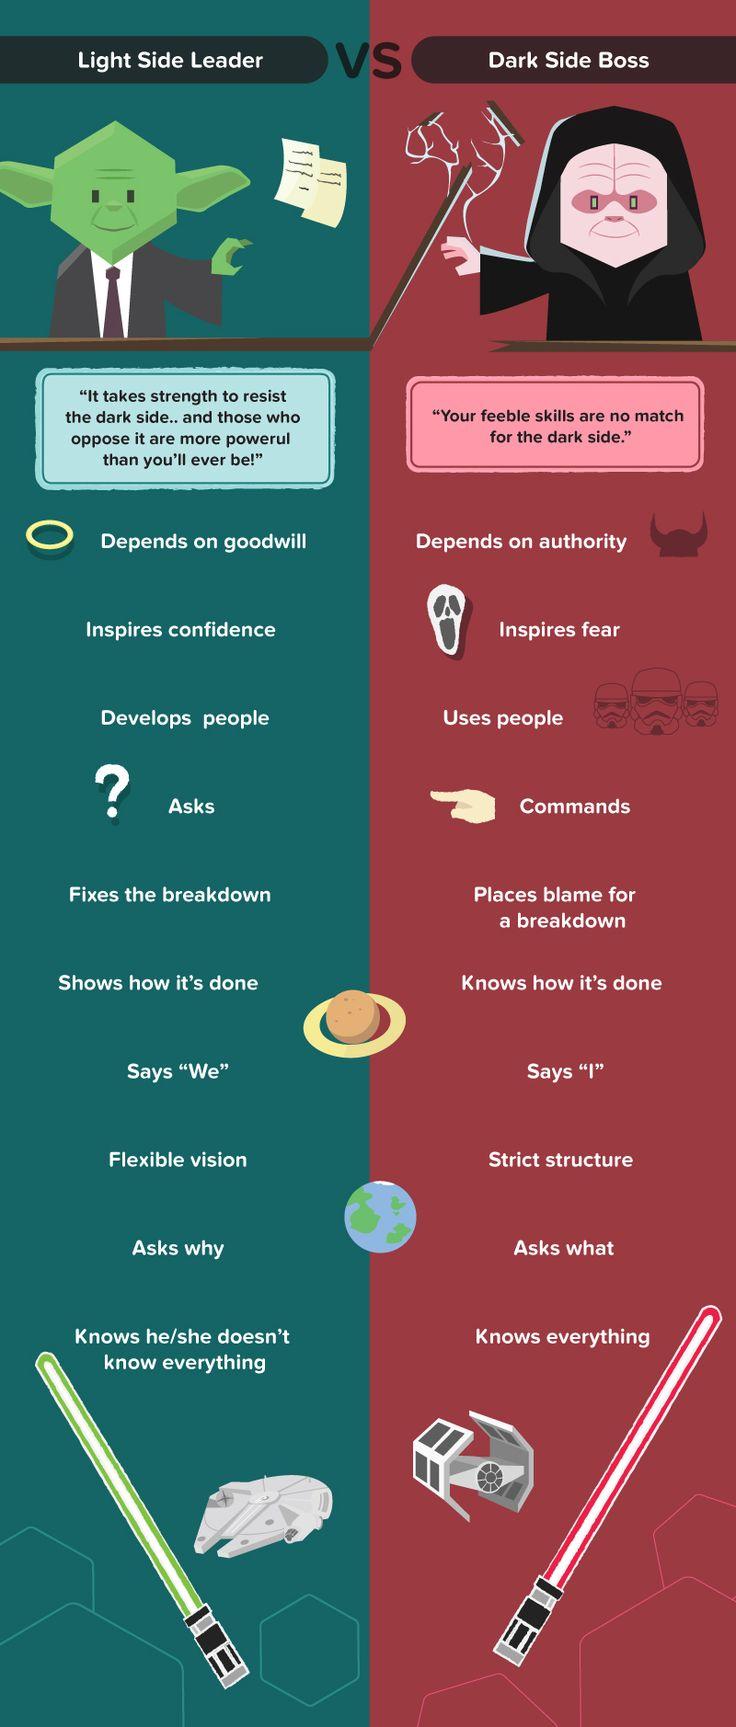 Visuistan Boss vs Leader Star Wars Inspired Infographic